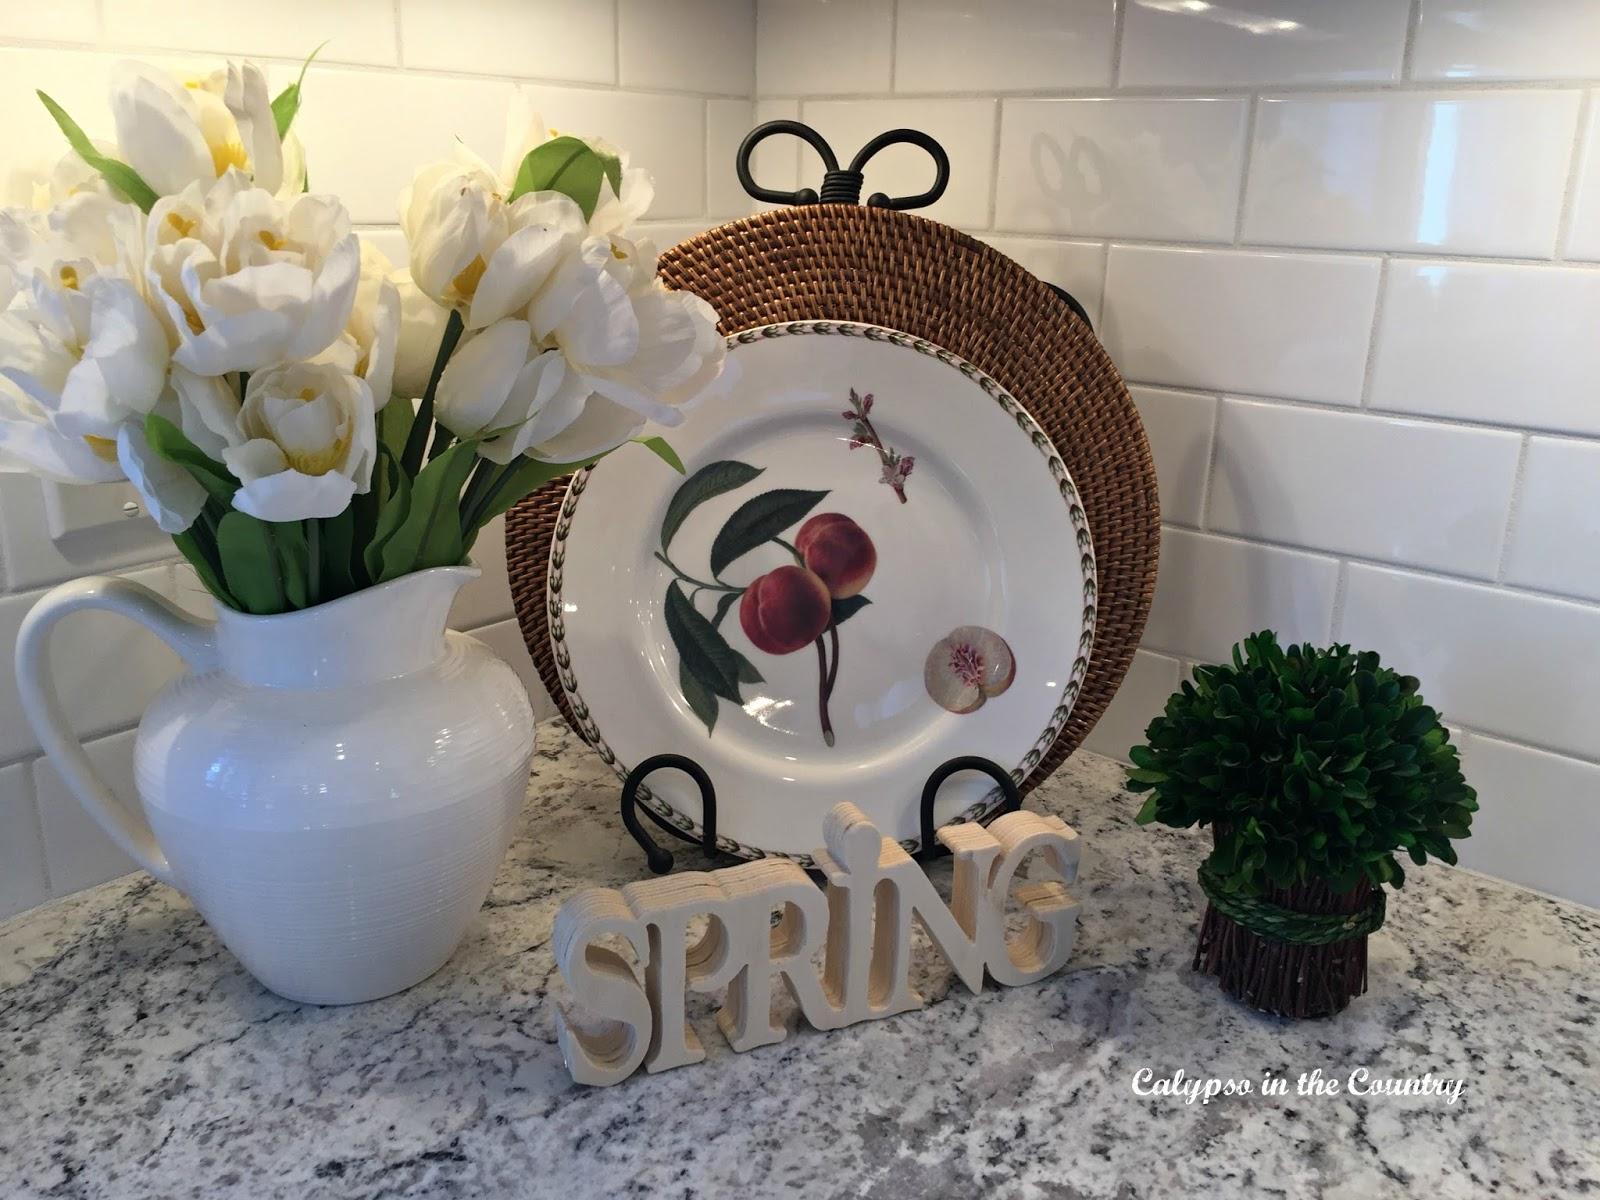 Spring vignette in kitchen